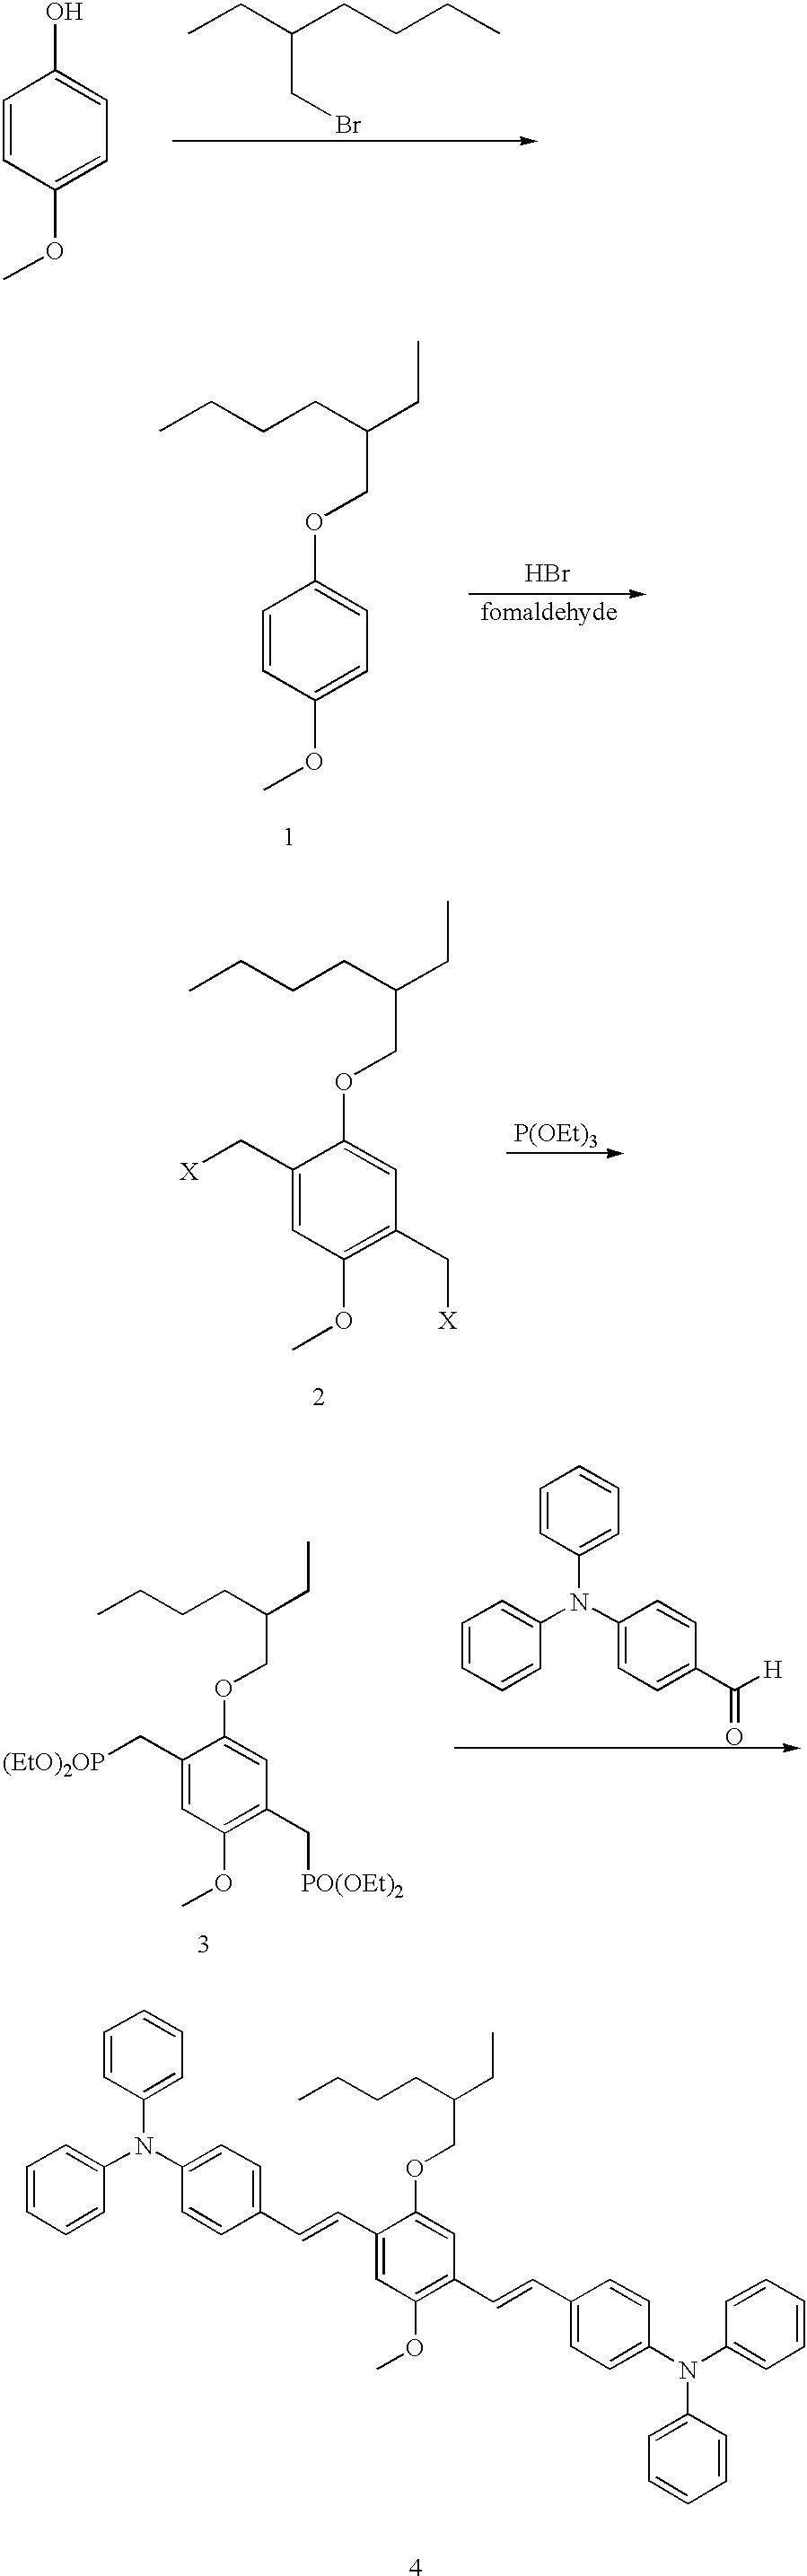 Figure US07265161-20070904-C00009